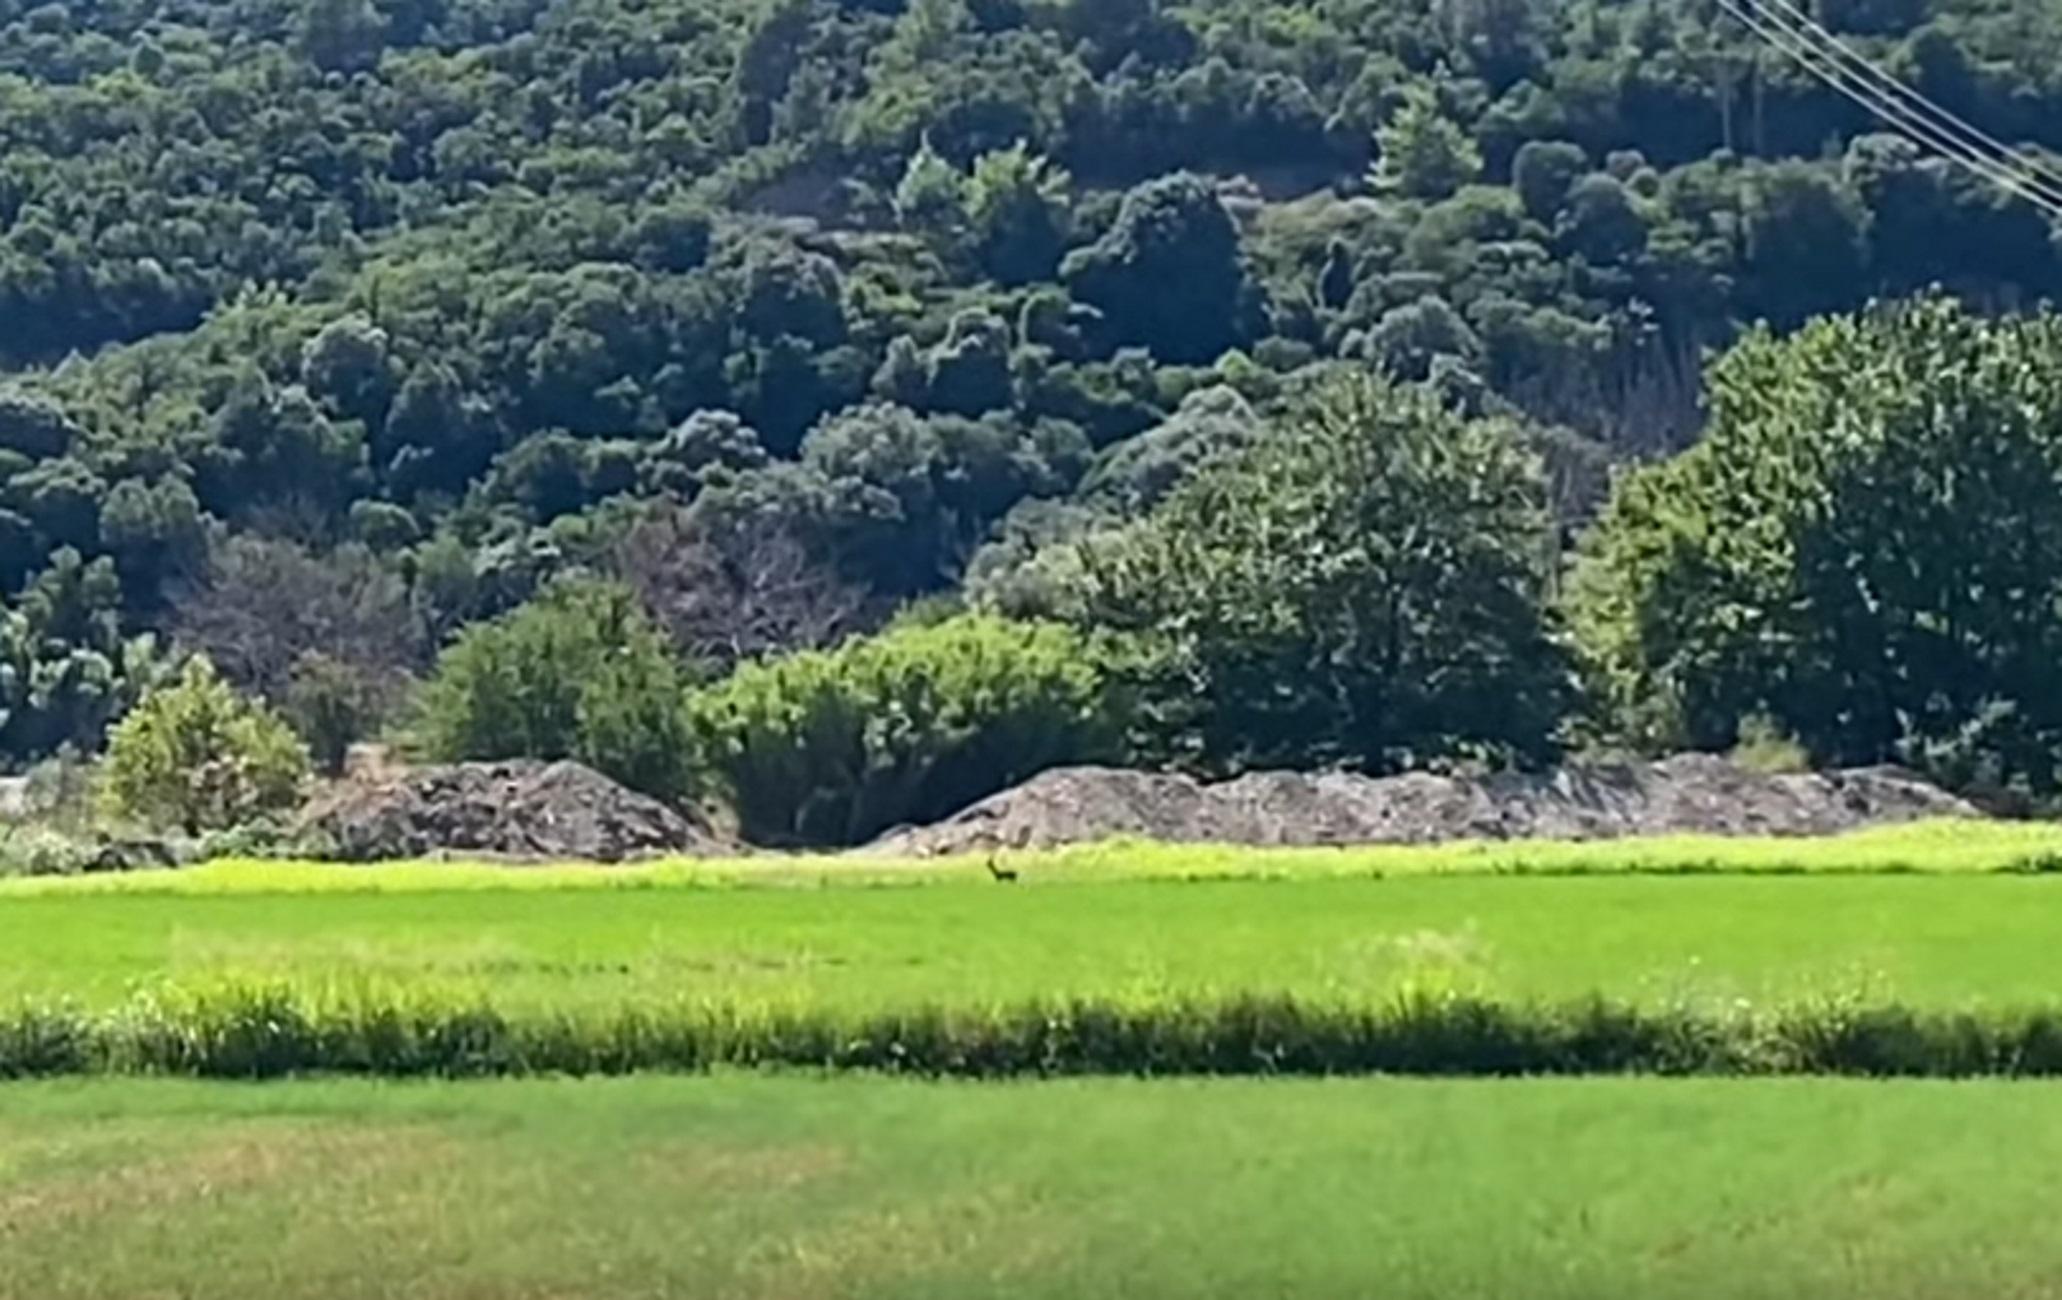 Ναυπακτία: Άφησε ανοιχτό το κινητό του τηλέφωνο και κατέγραψε αυτές τις εικόνες στον Εύηνο ποταμό